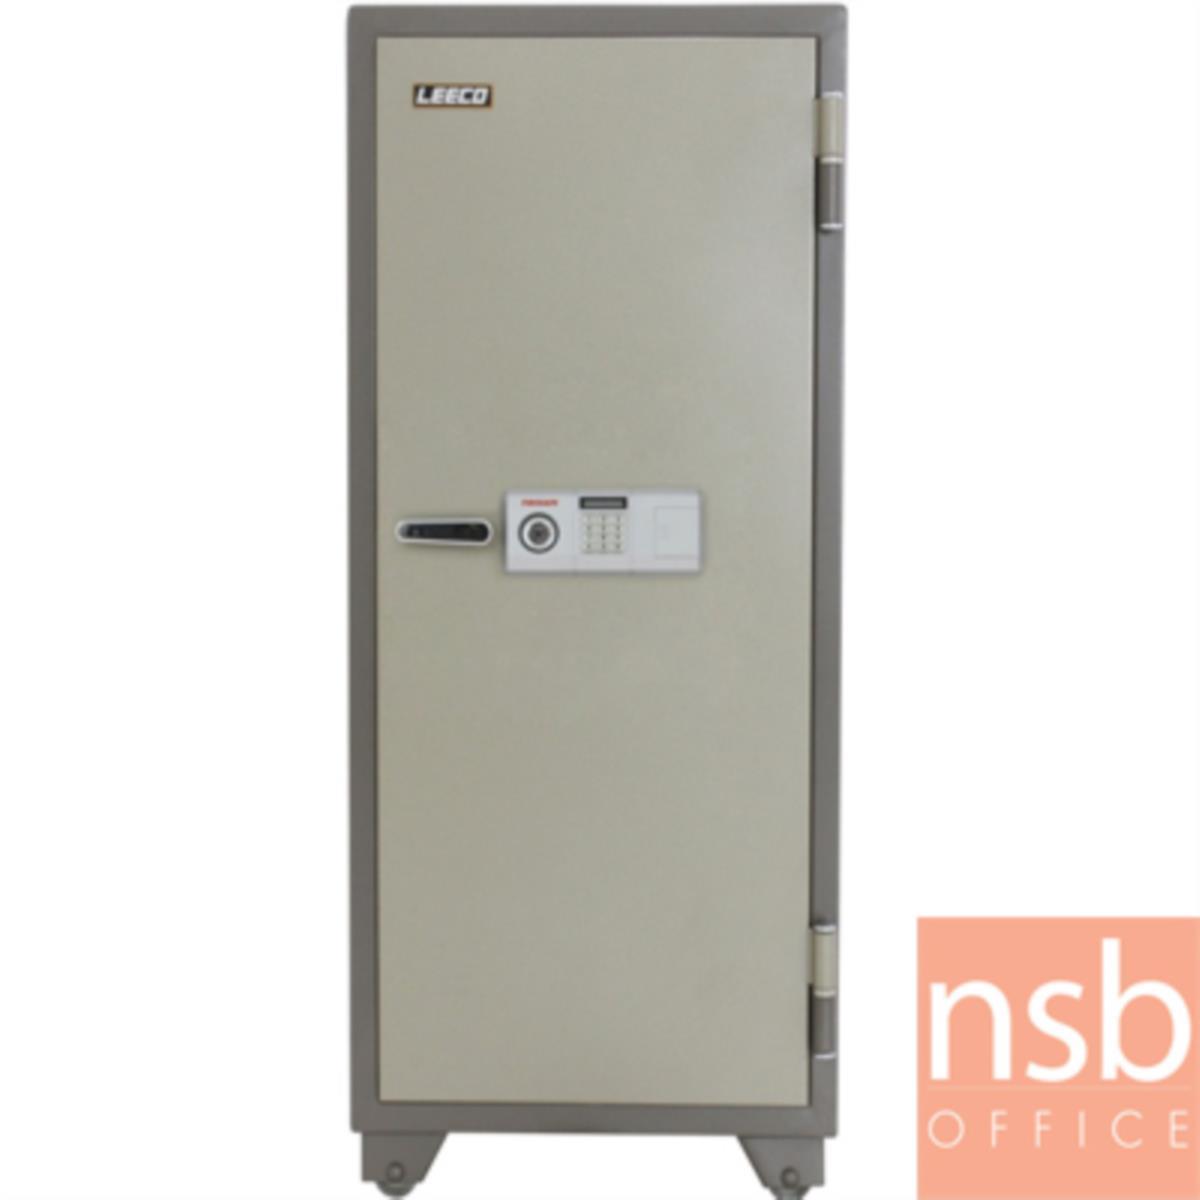 F02A007:ตู้เซฟนิรภัย 460 กก. ลิโก้ รุ่น Leeco-705-XPL  (1 กุญแจ 1 รหัส)